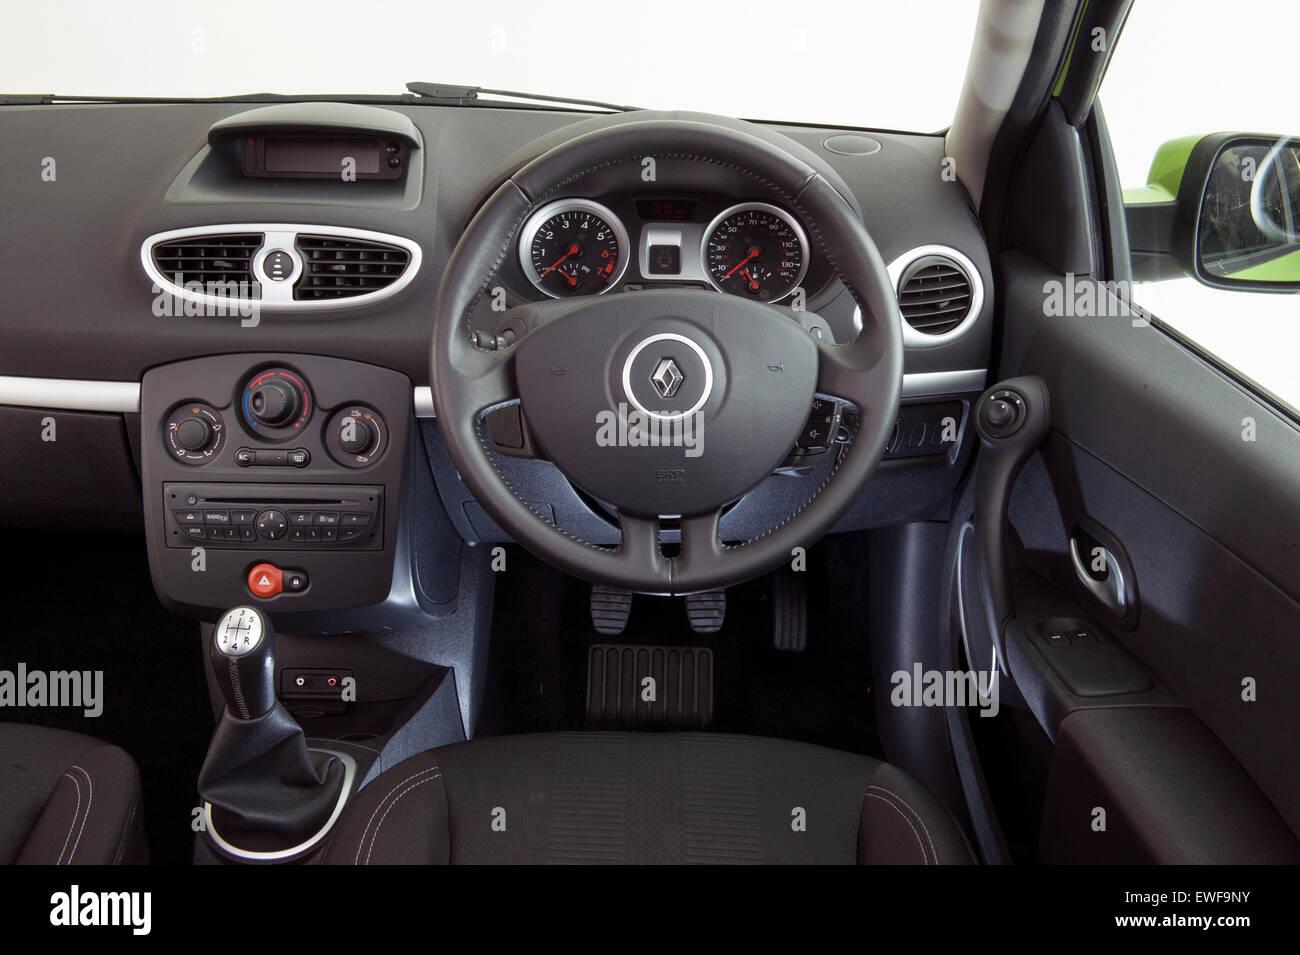 2009 Renault Clio Stock Photo